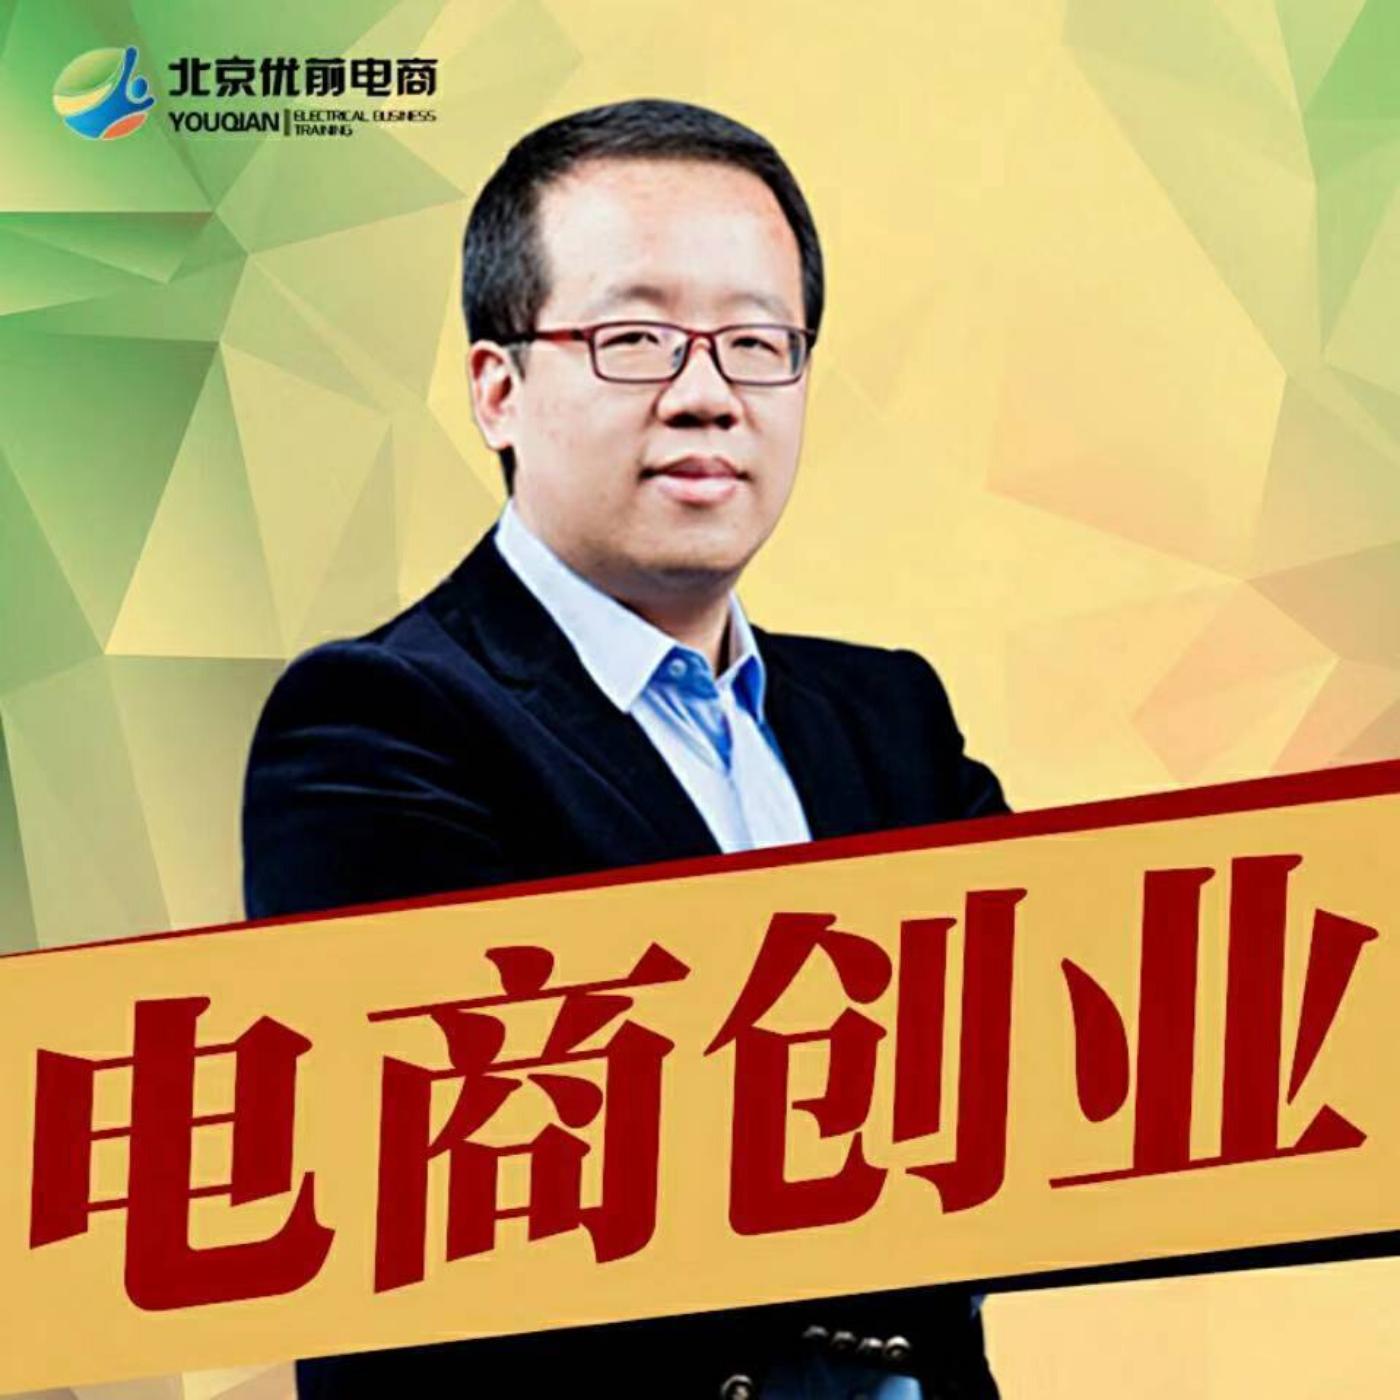 囧侠客2020社交电商创业